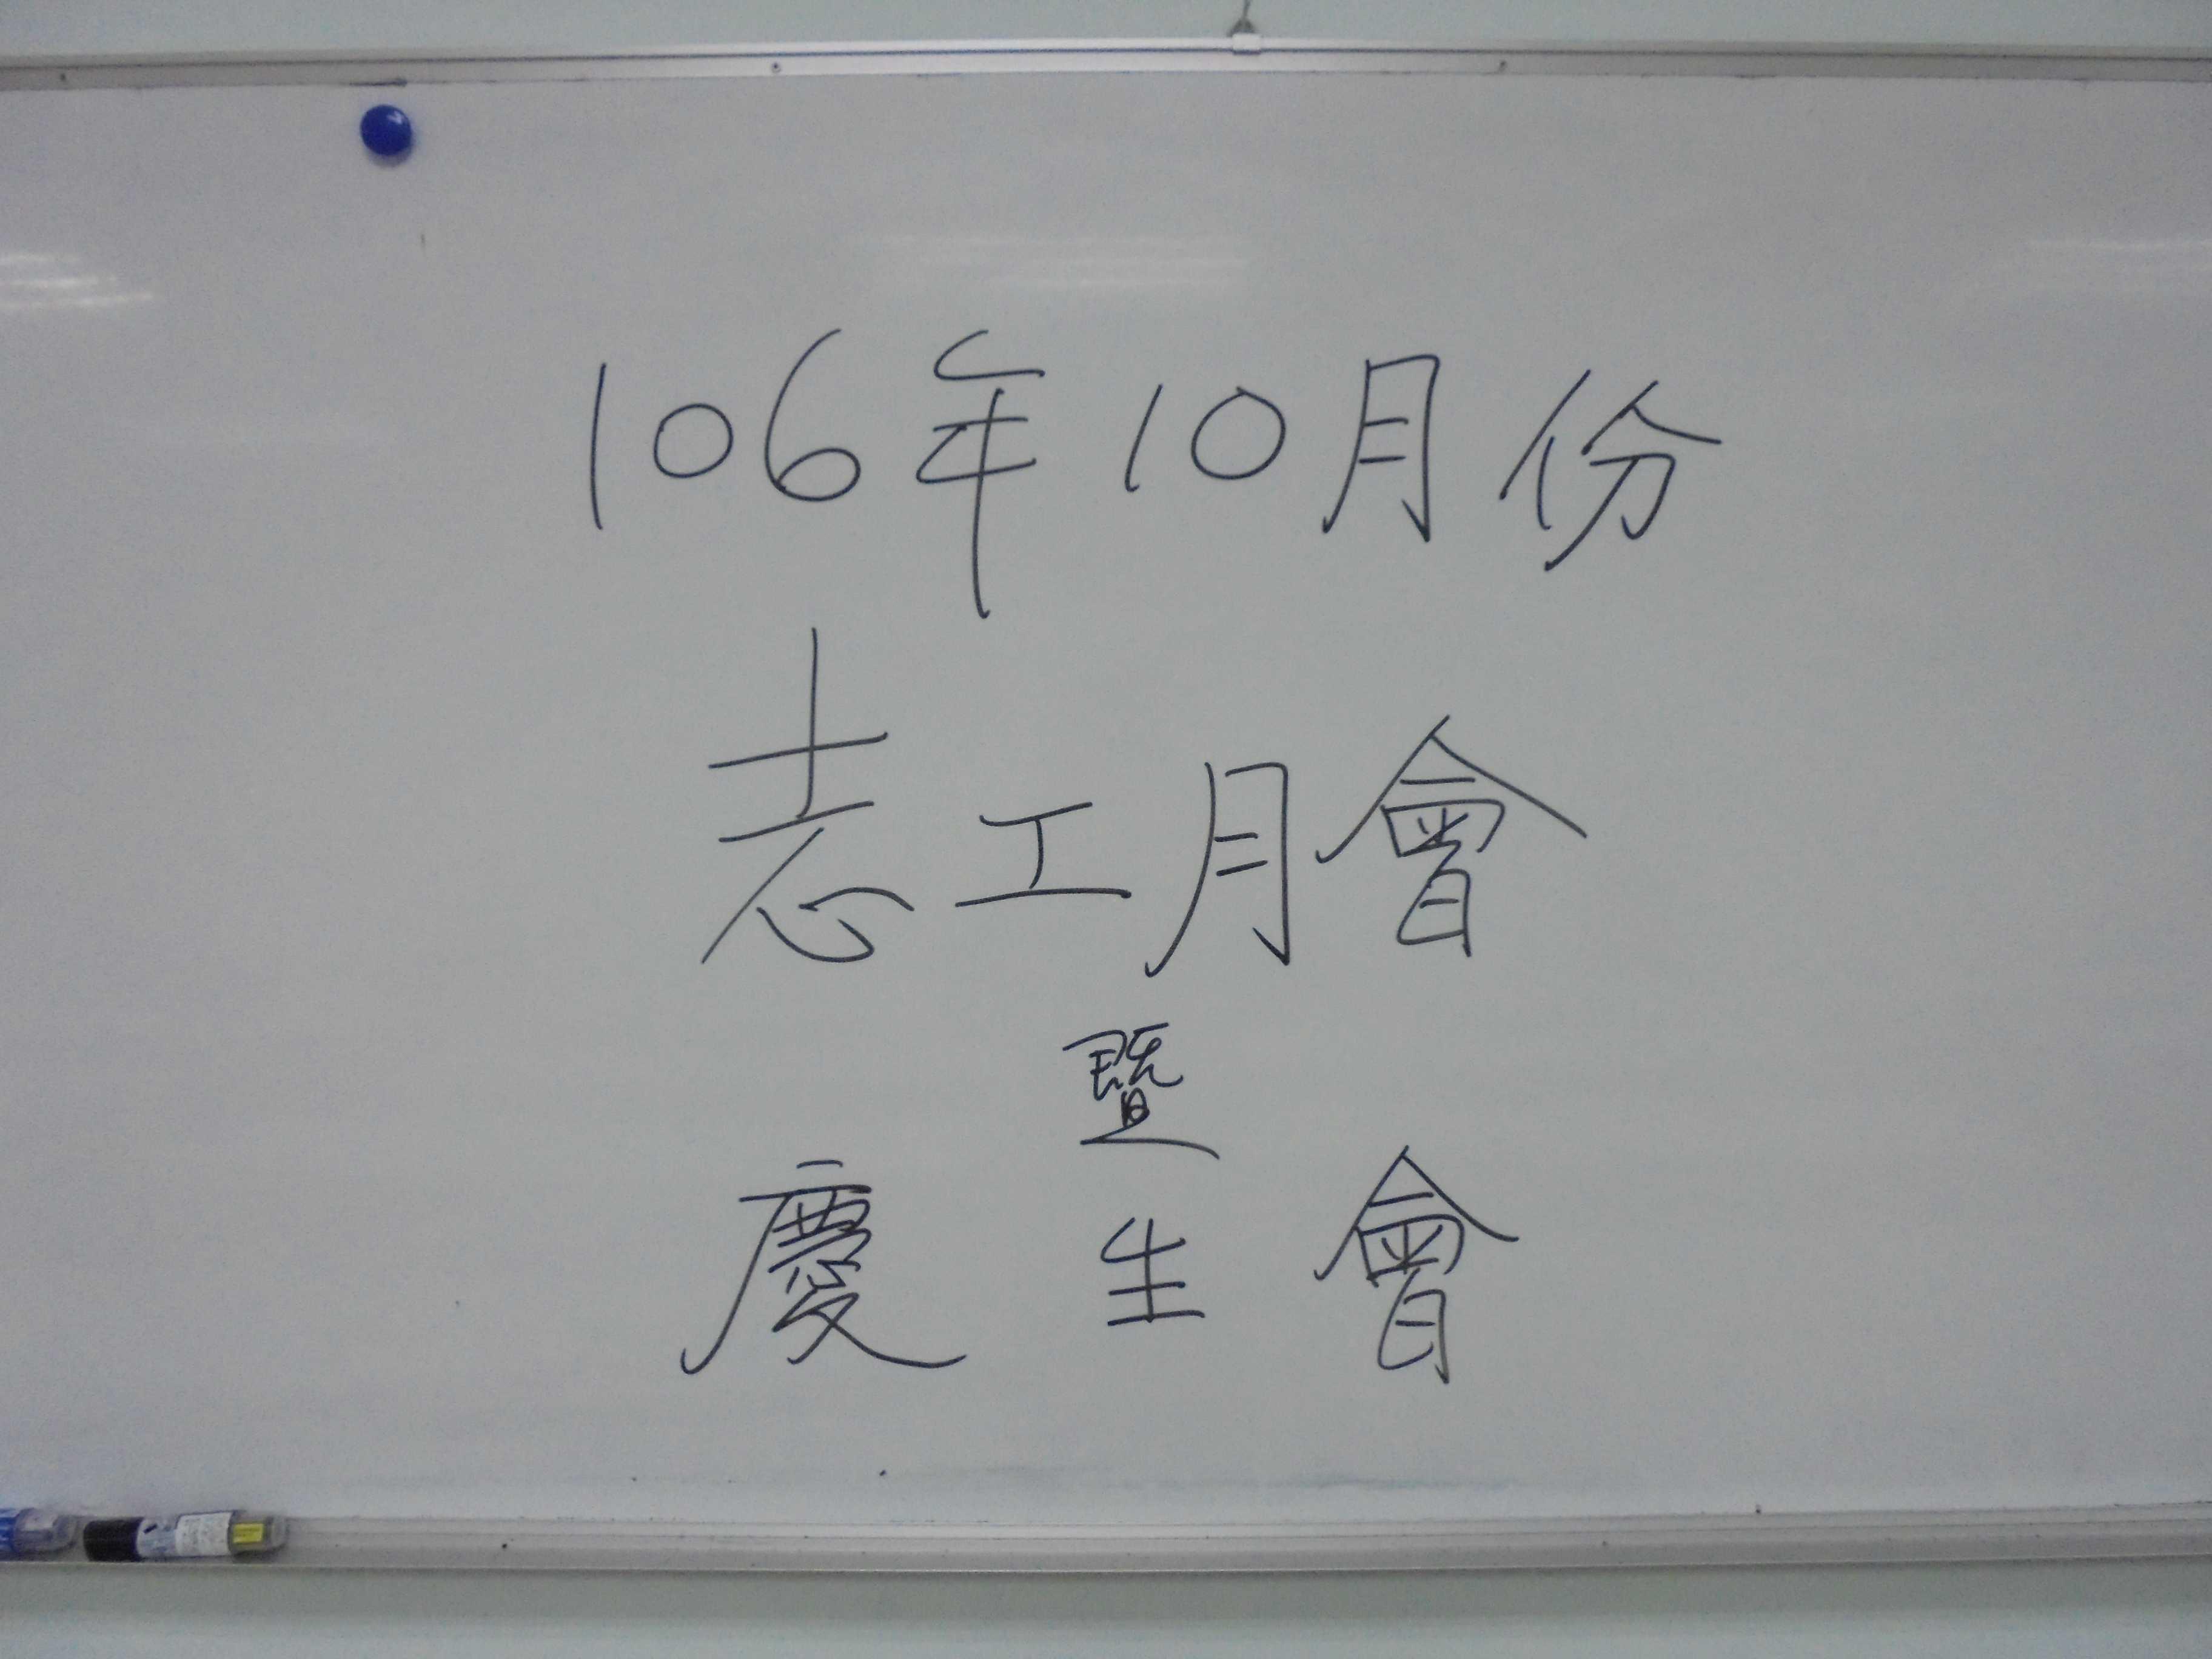 高雄市鳳山老人活動中心106年10月份志工月會暨7~10份慶生